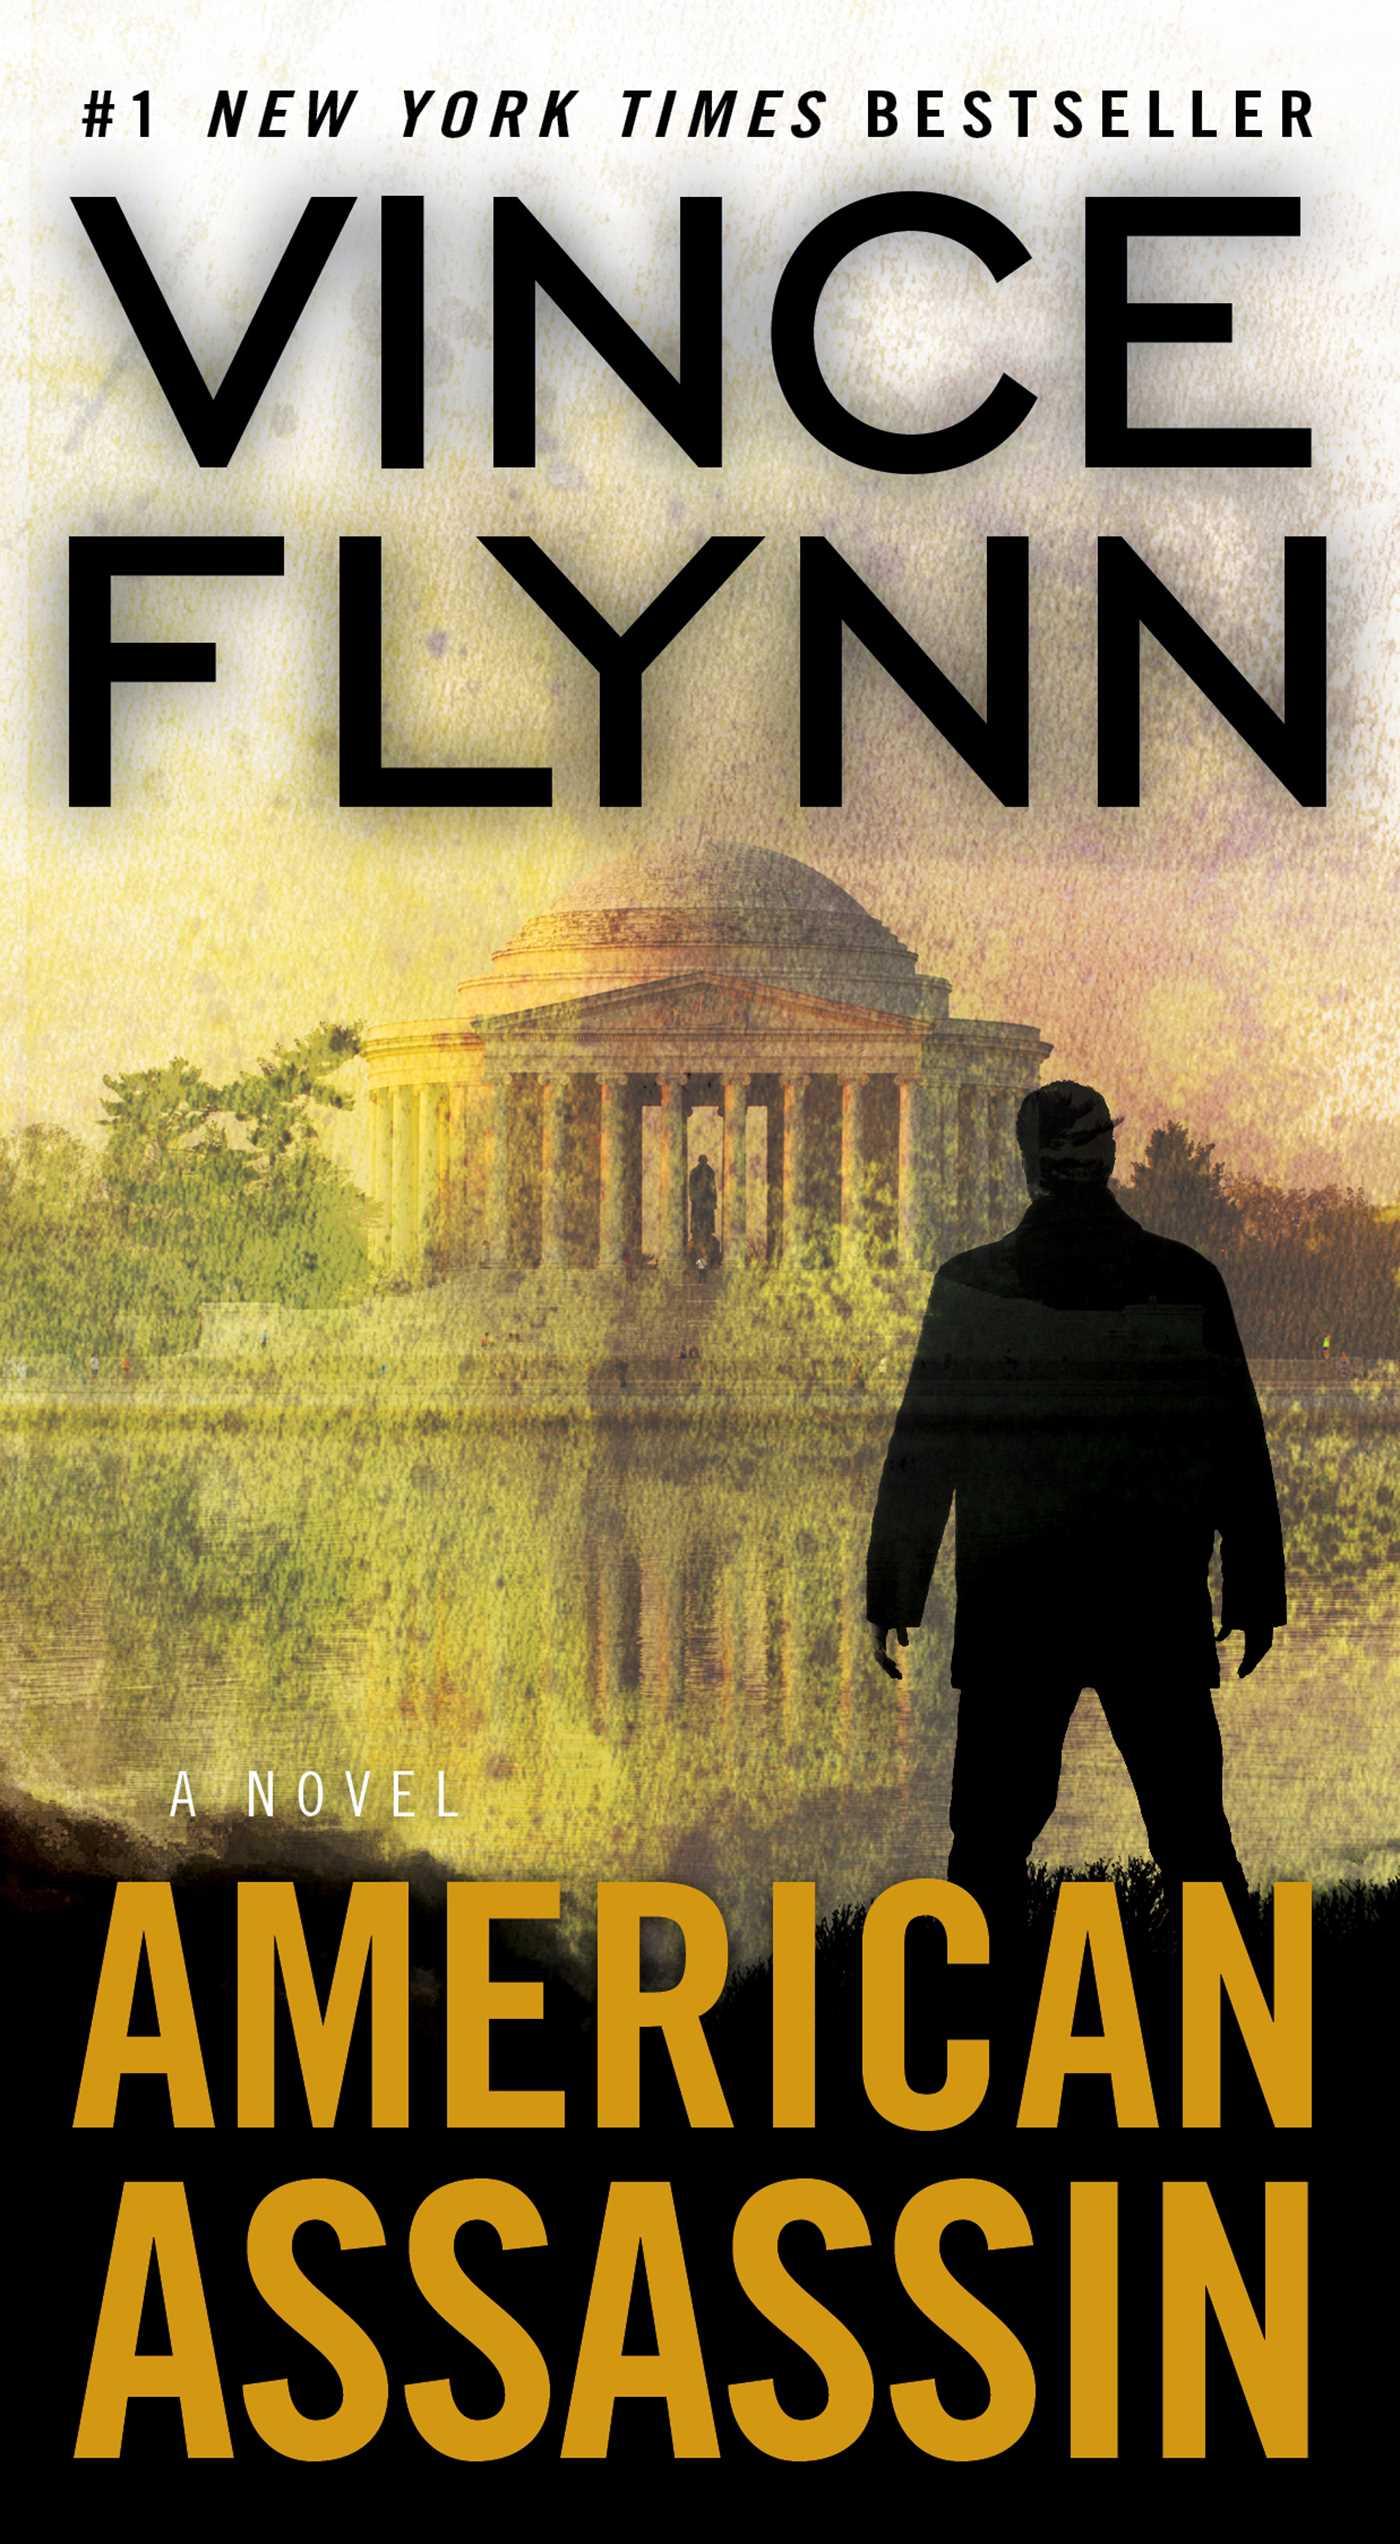 American assassin 9781416595199 hr